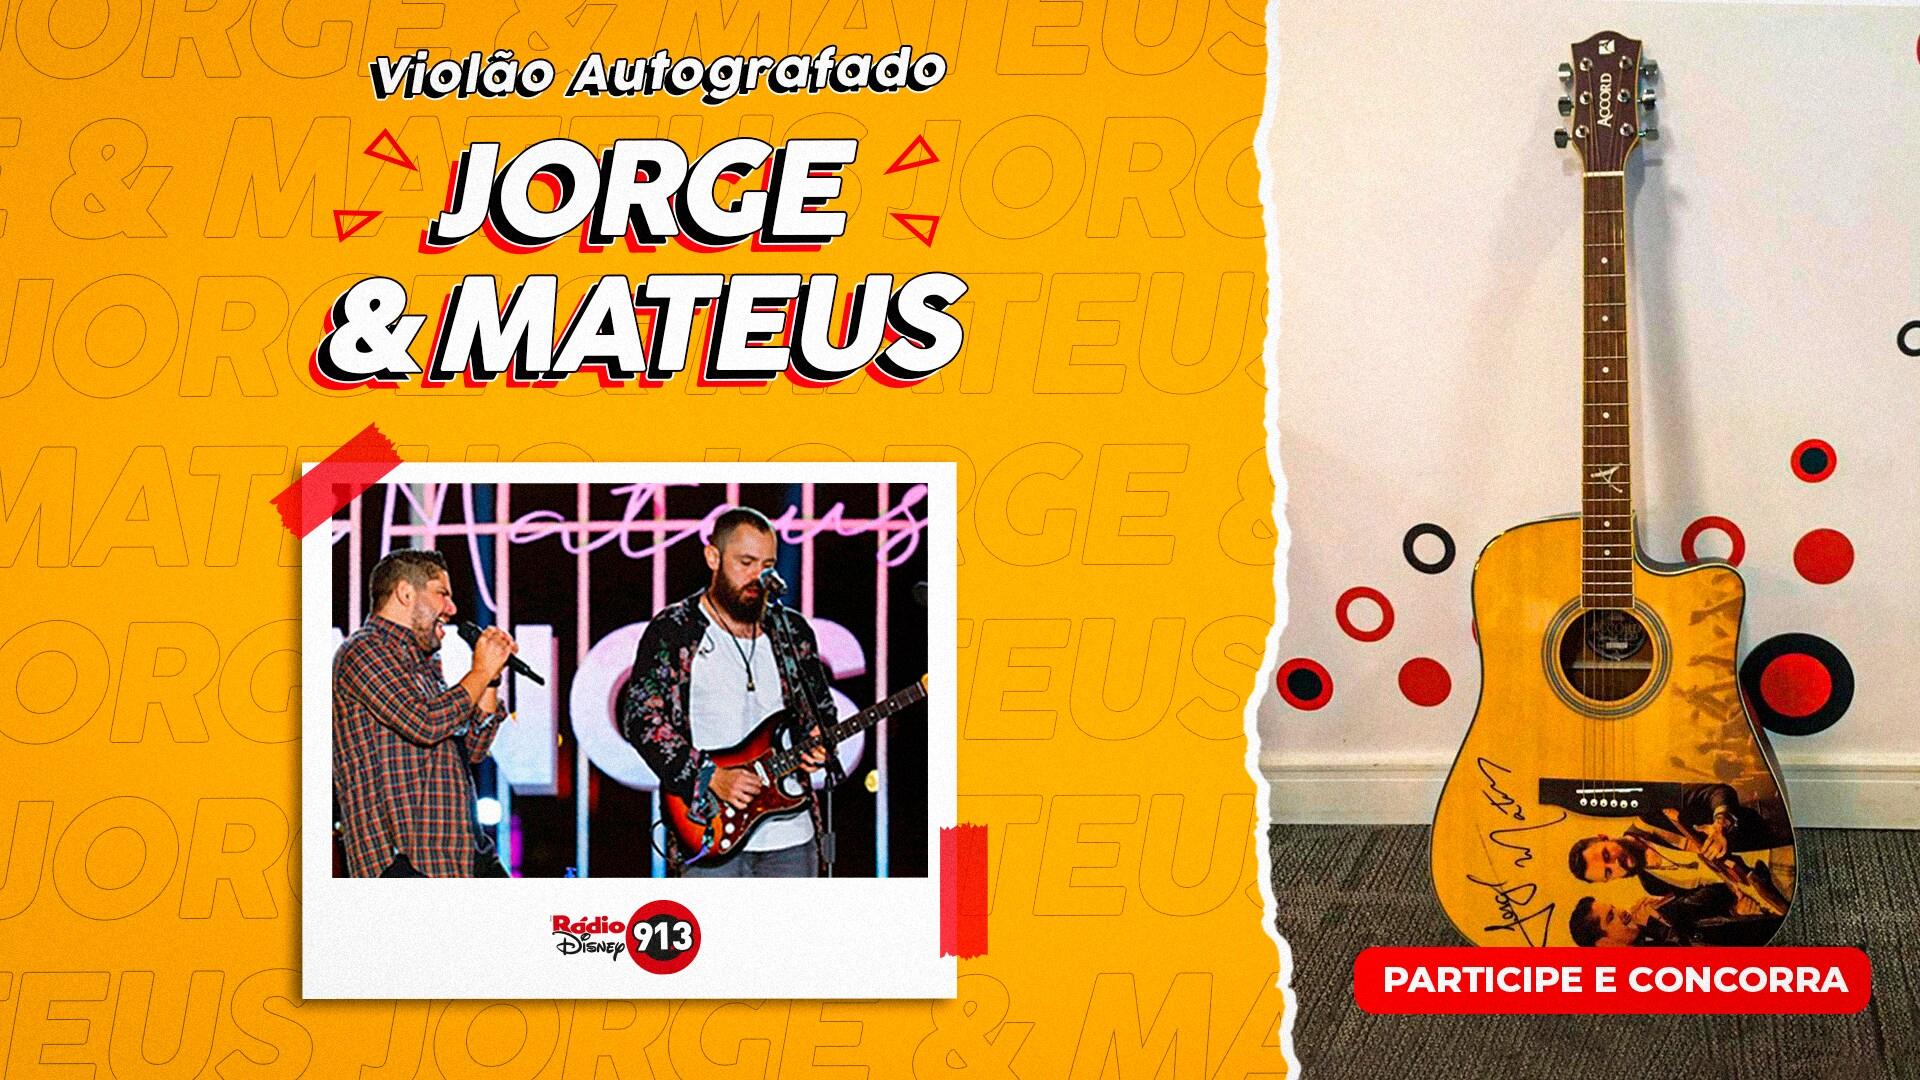 Violão Autografado Jorge e Mateus